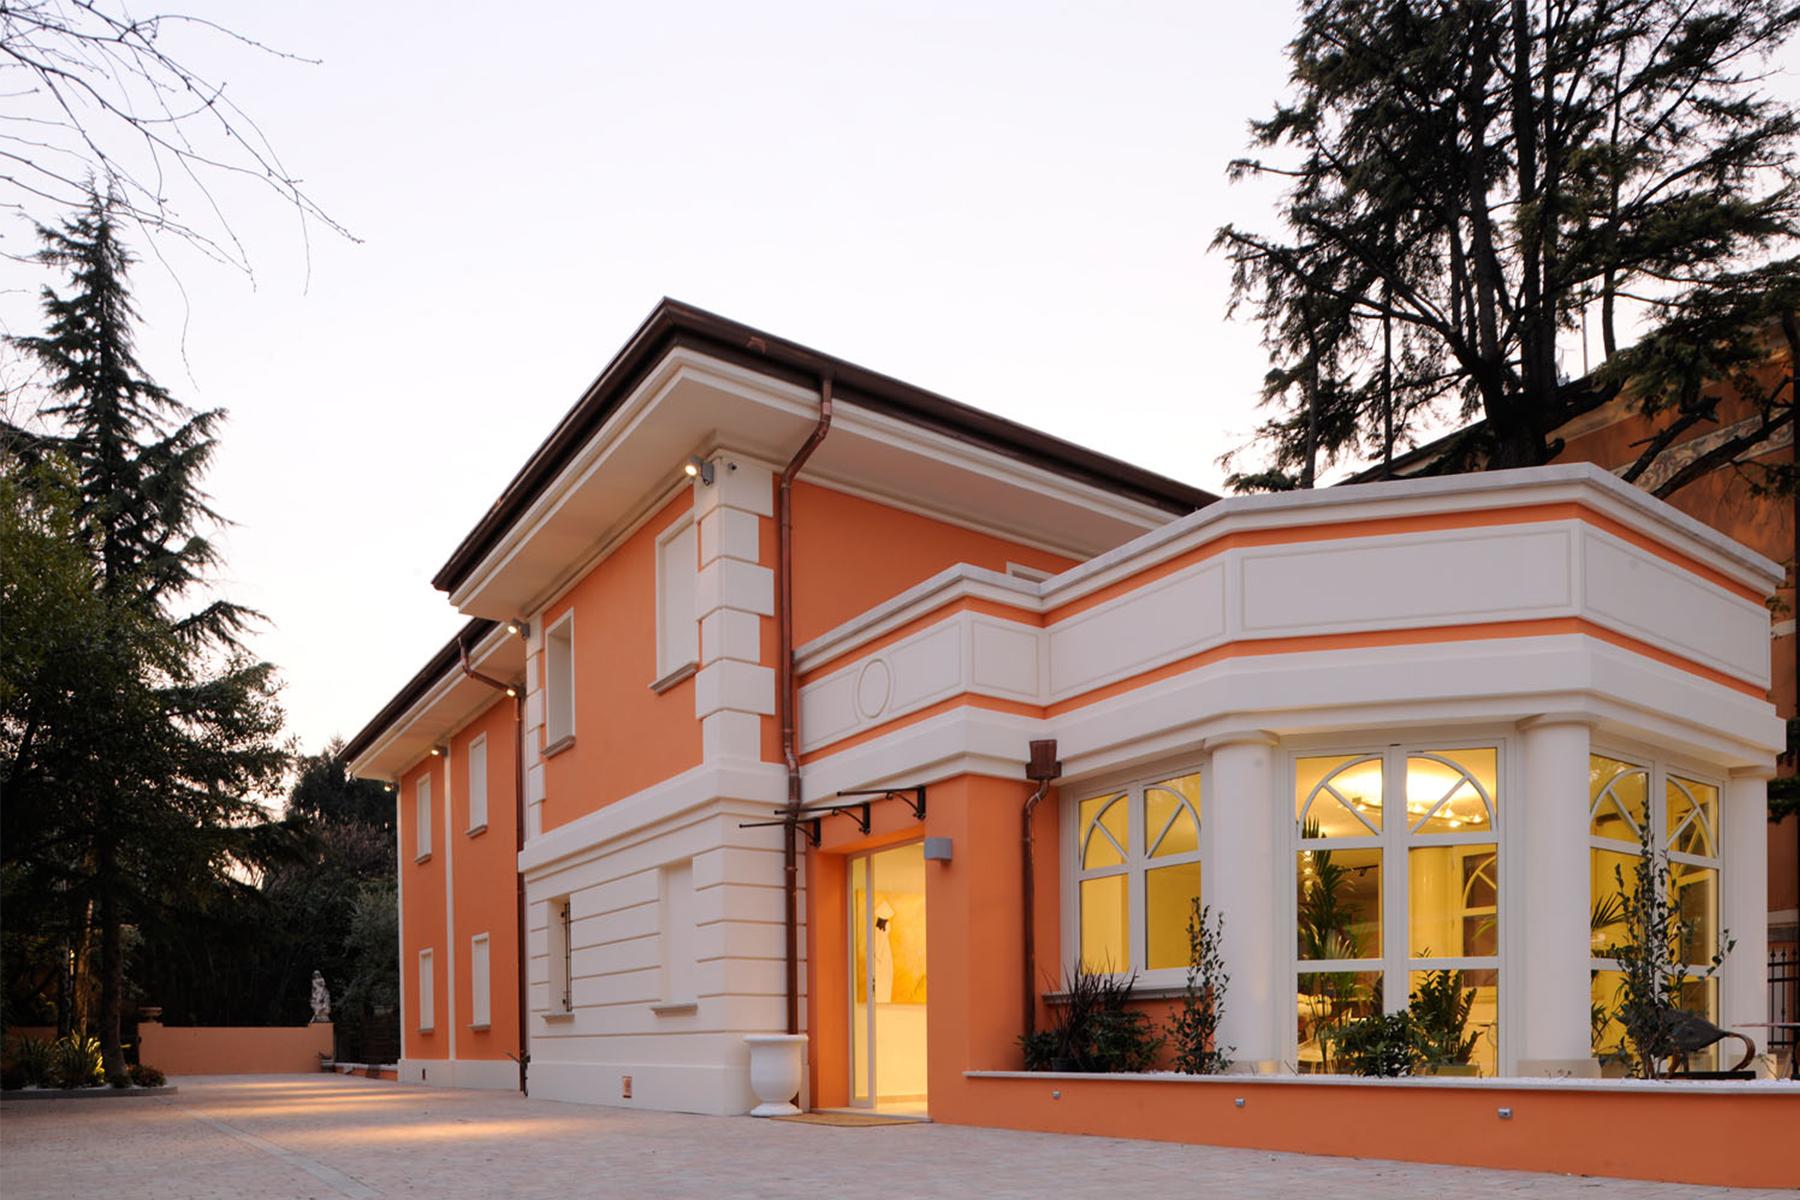 Albergo in Vendita a Desenzano Del Garda: 5 locali, 750 mq